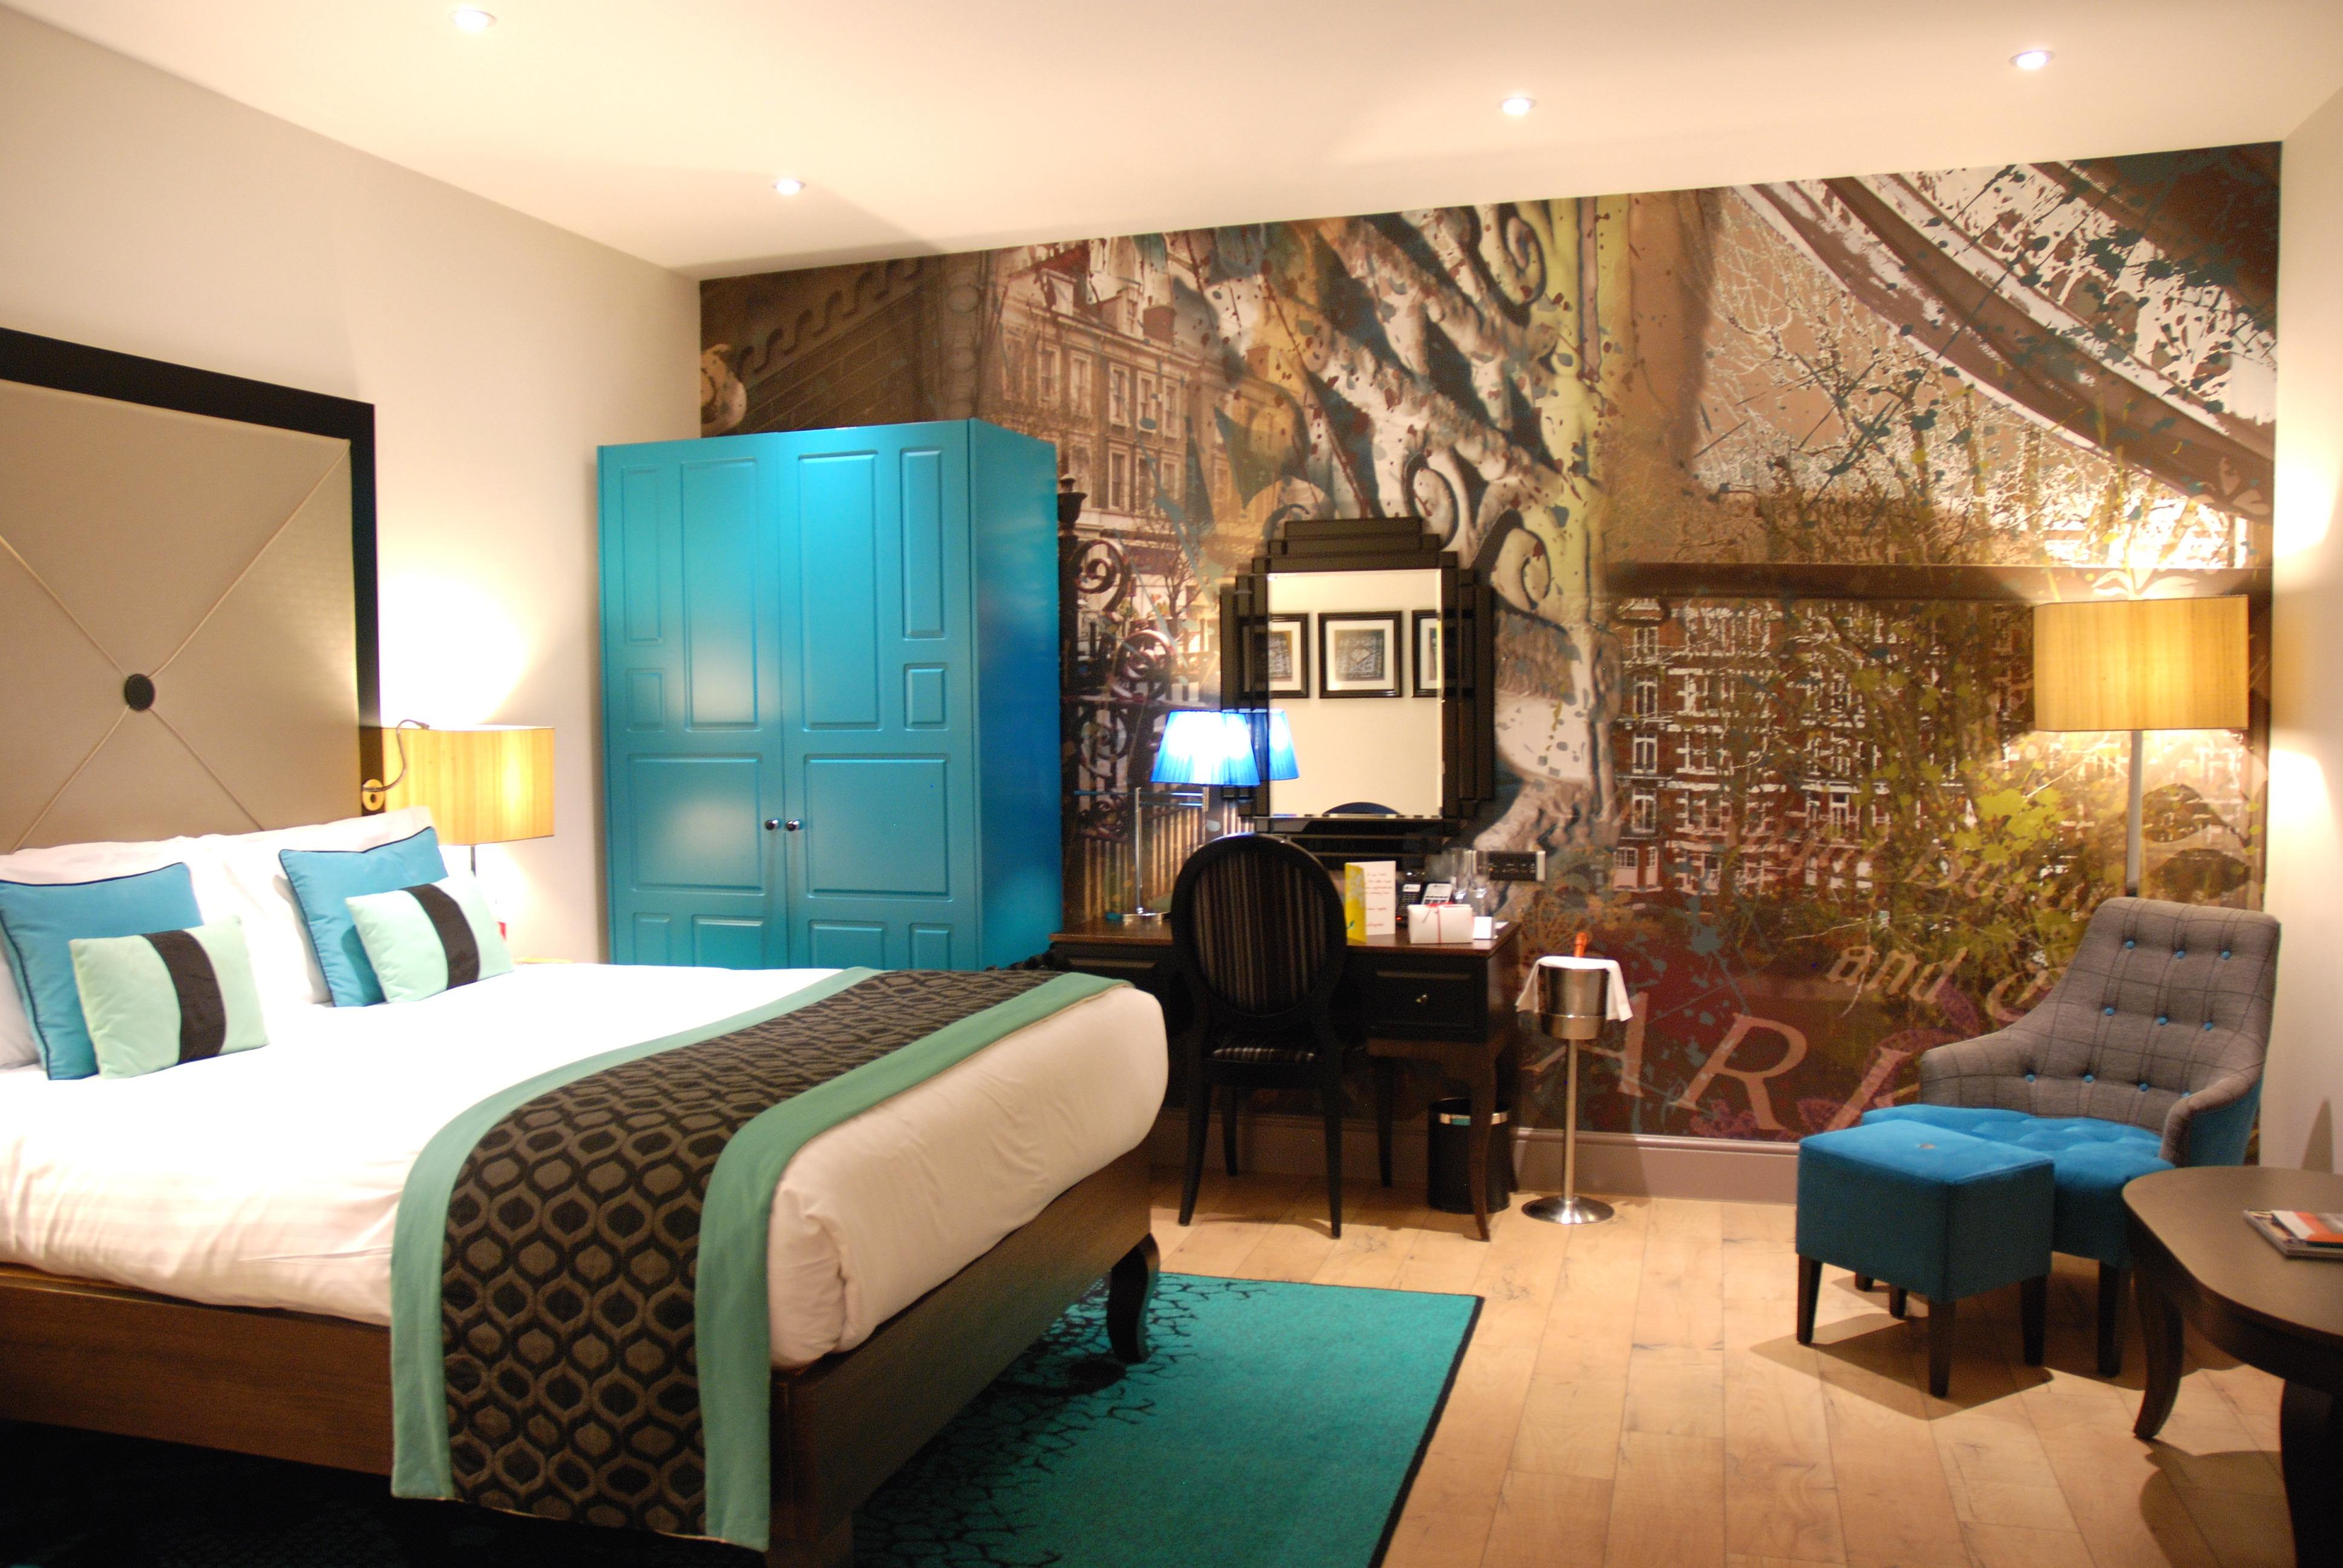 Hotel Indigo Kensington Review